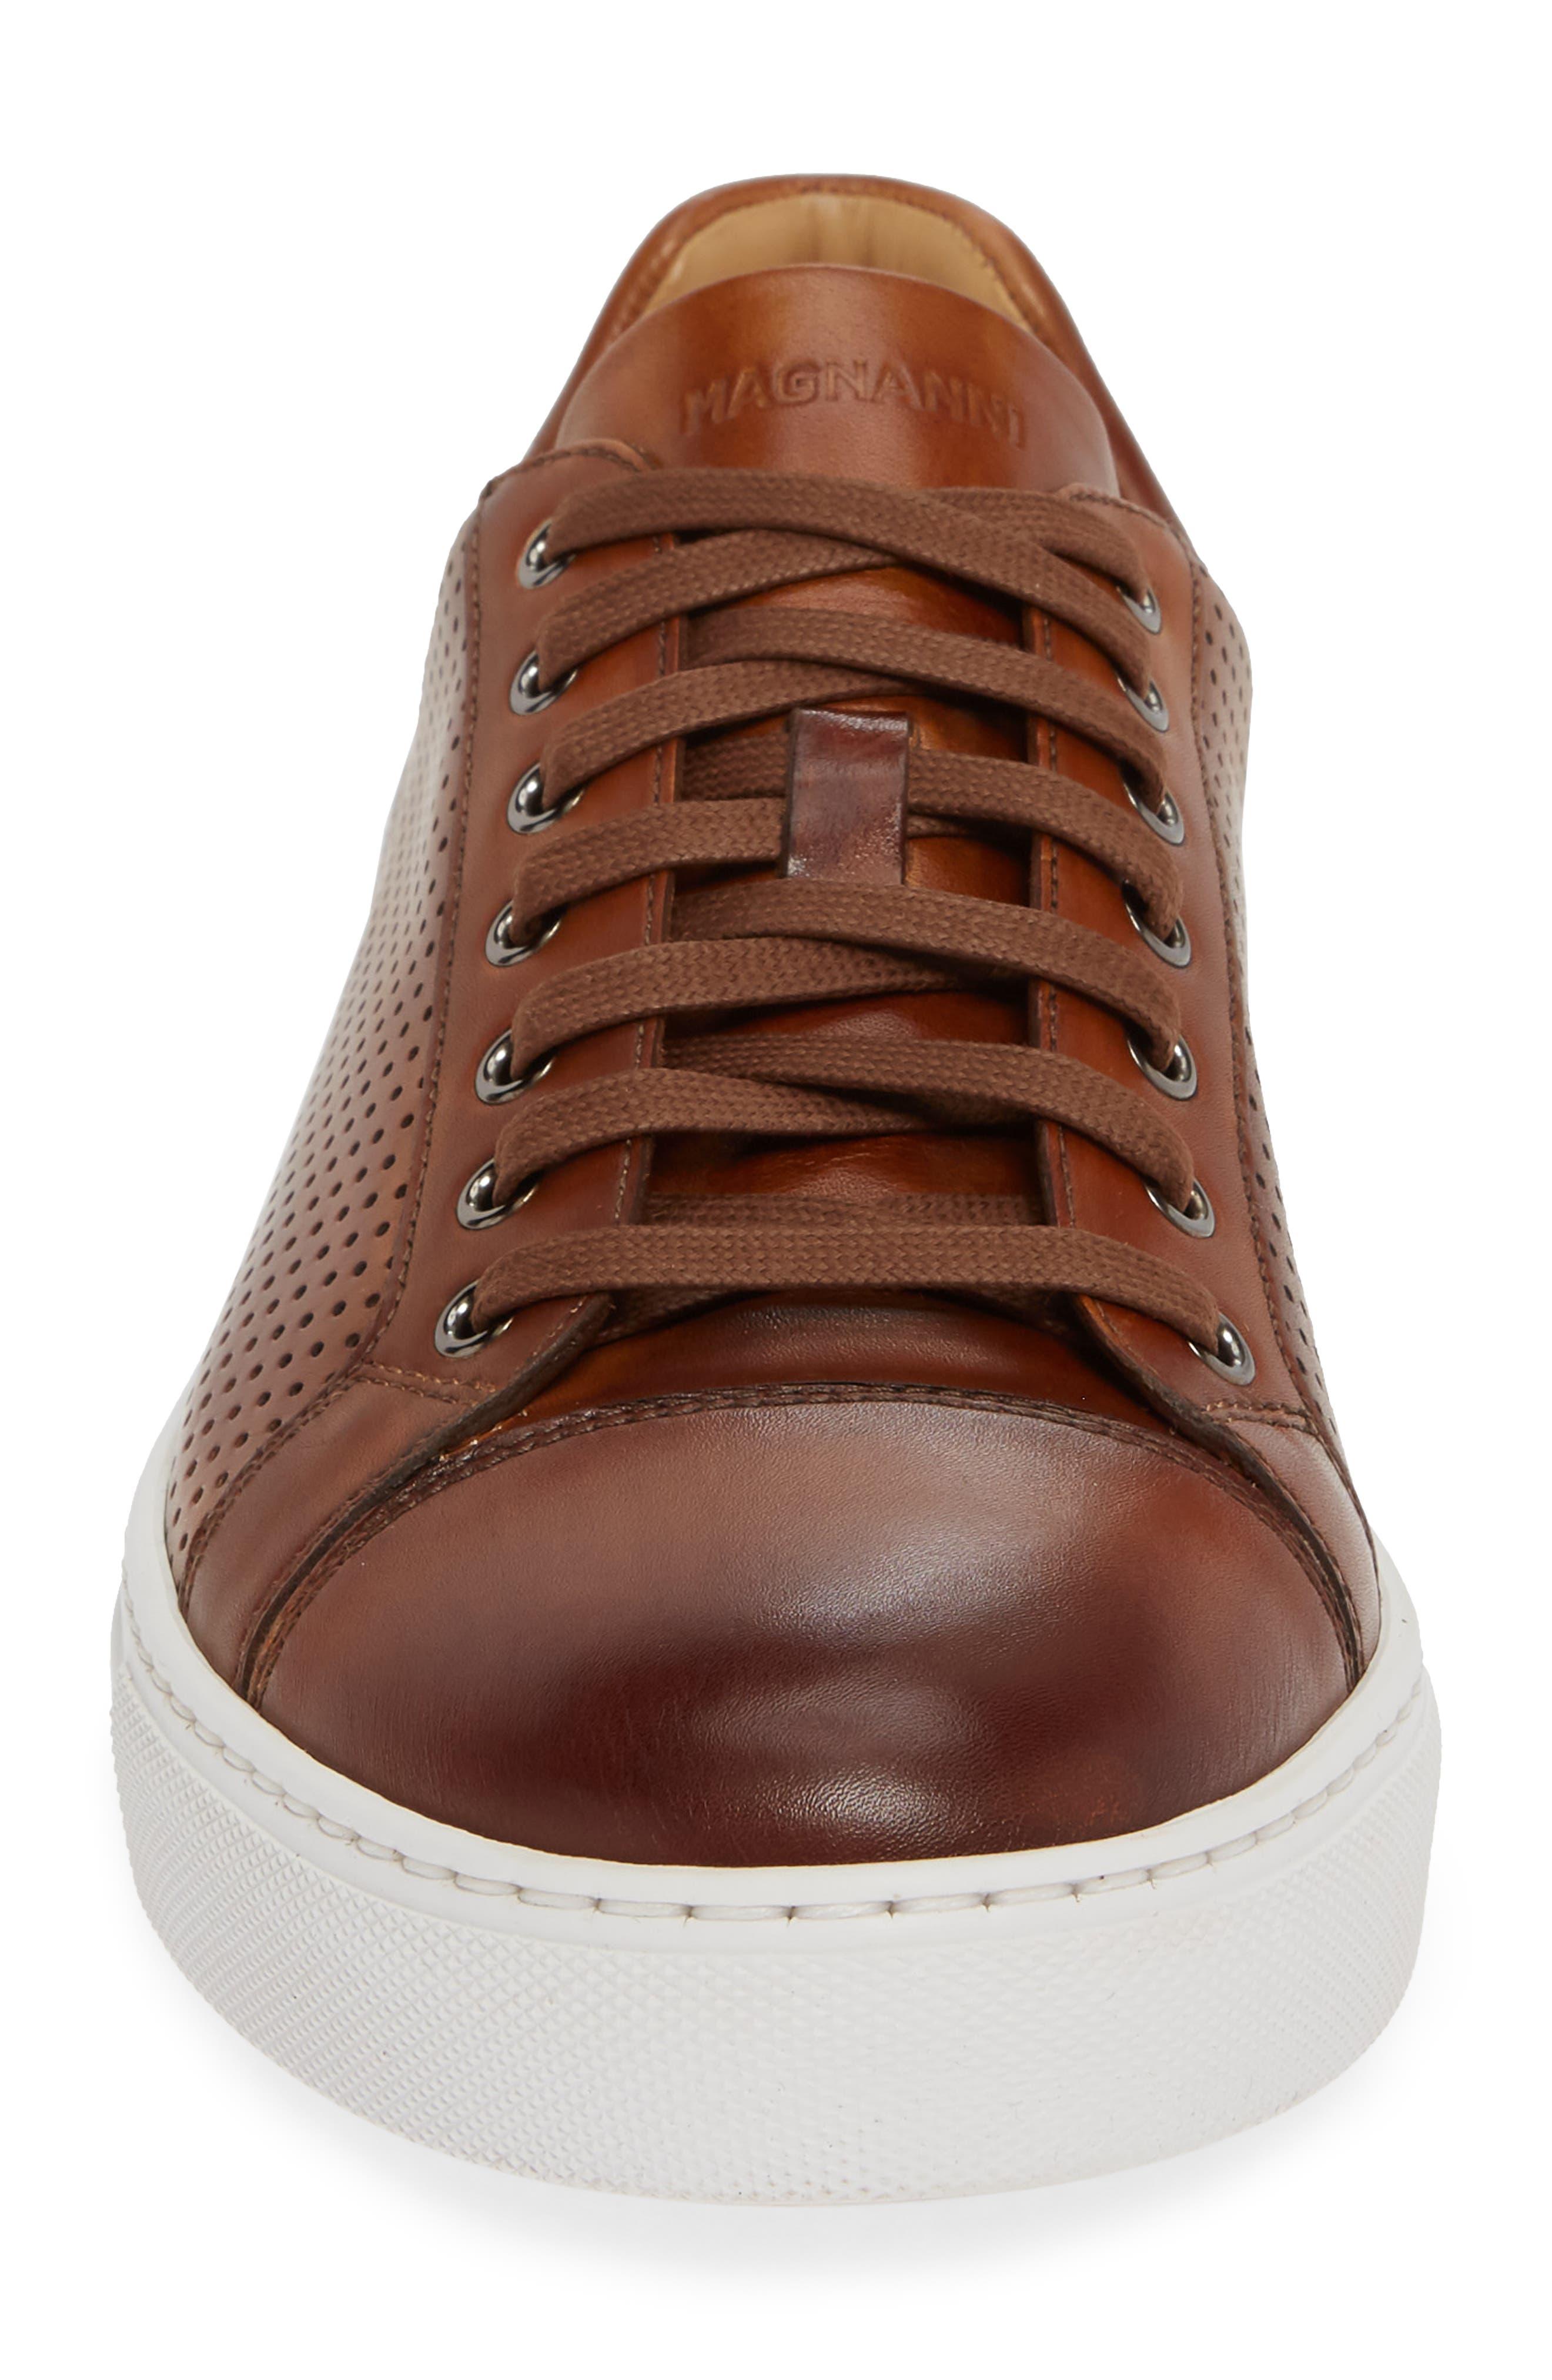 Jackson Sneaker,                             Alternate thumbnail 4, color,                             COGNAC LEATHER